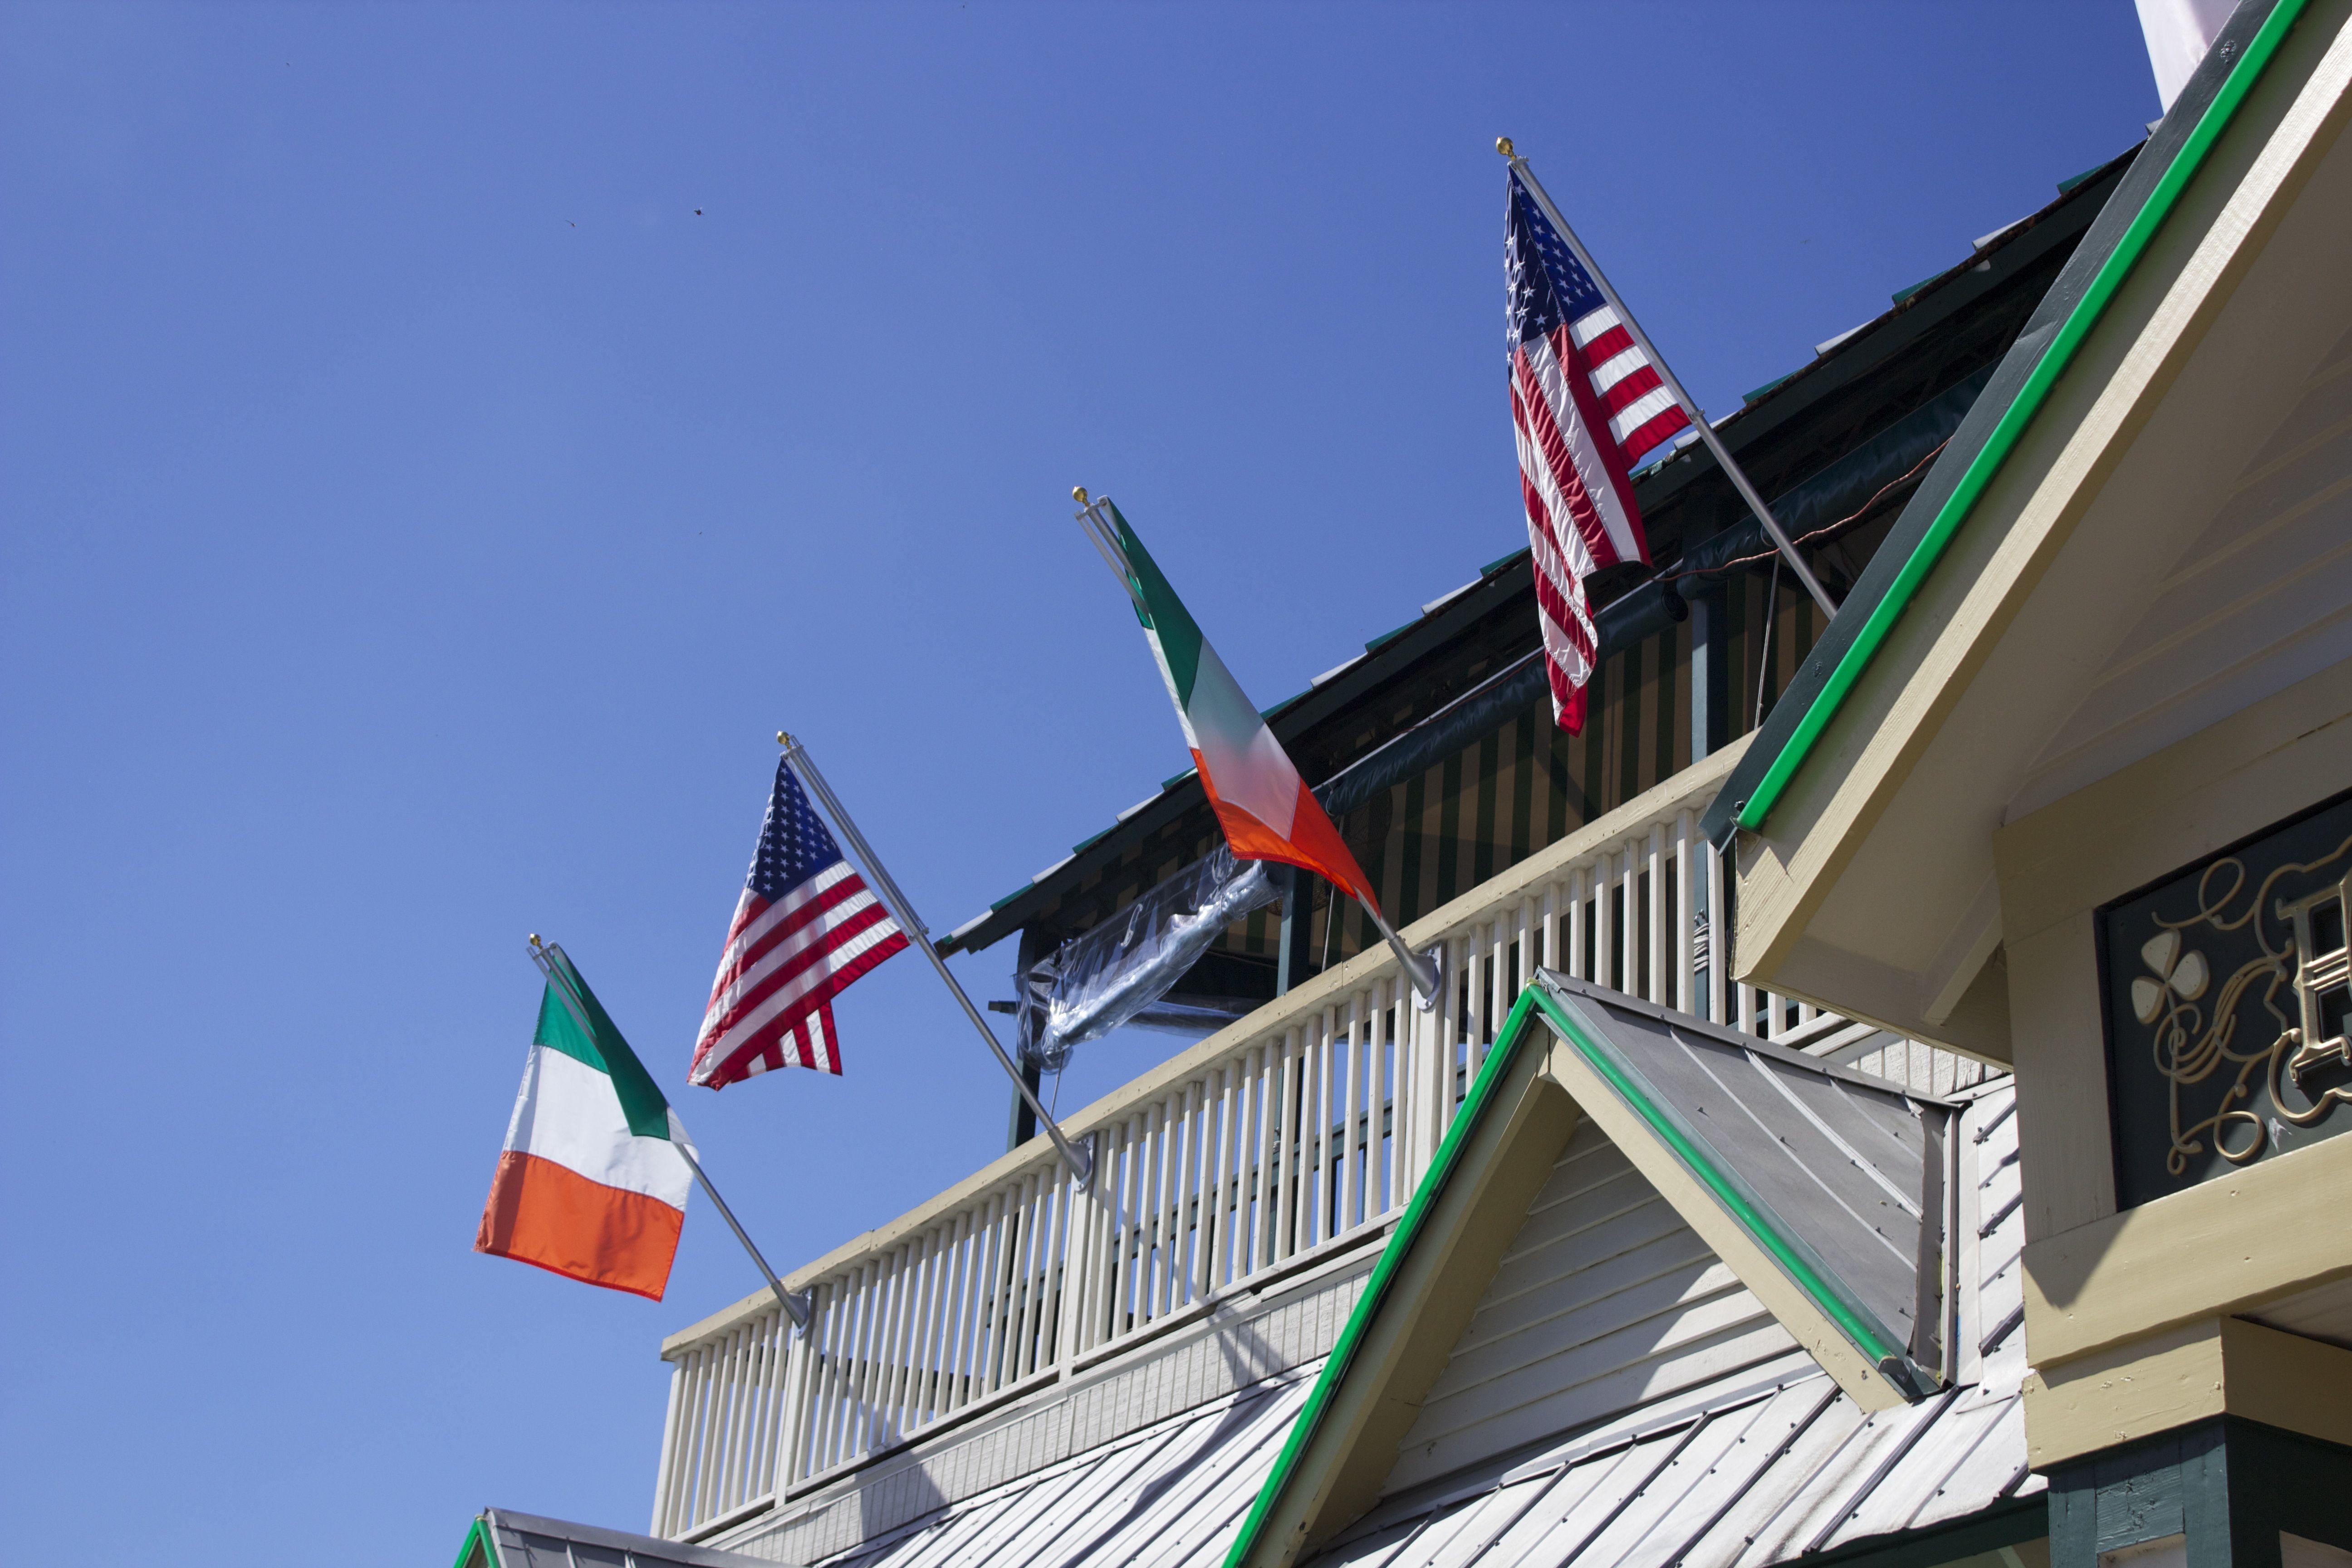 Irish and American flags of Irish Pub.